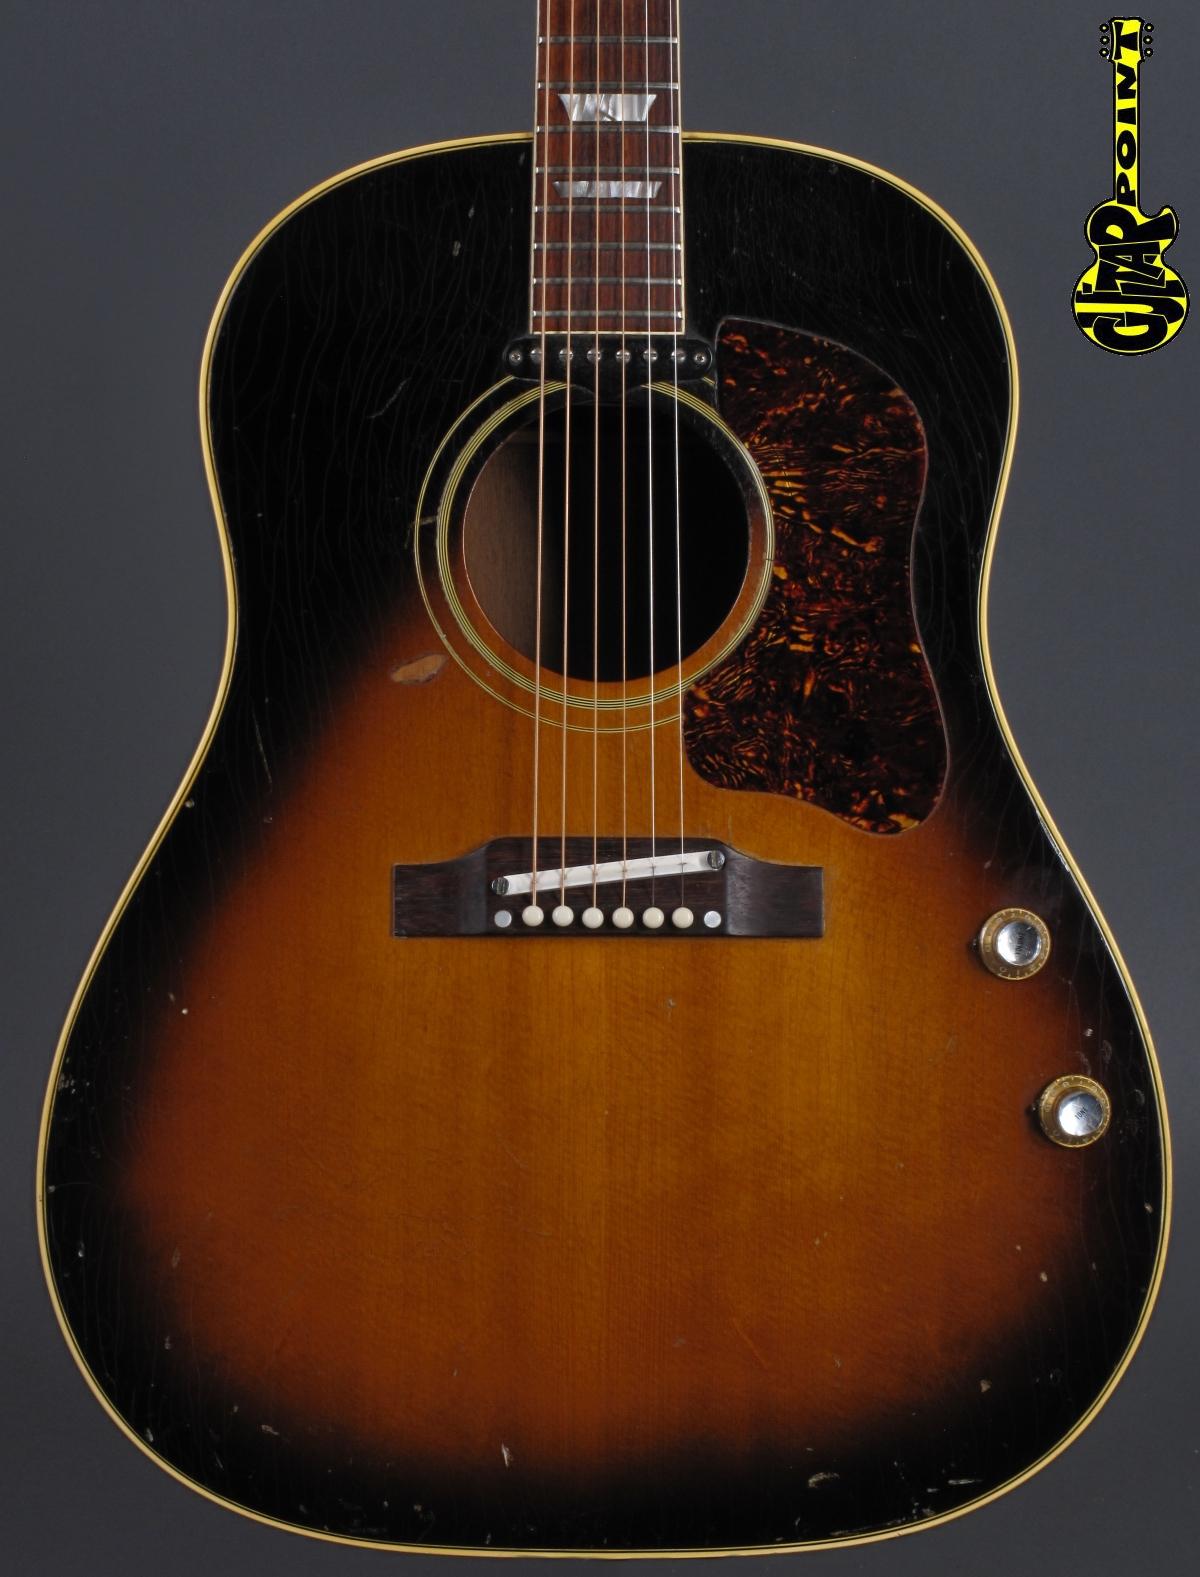 1966 Gibson J-160E - Sunburst